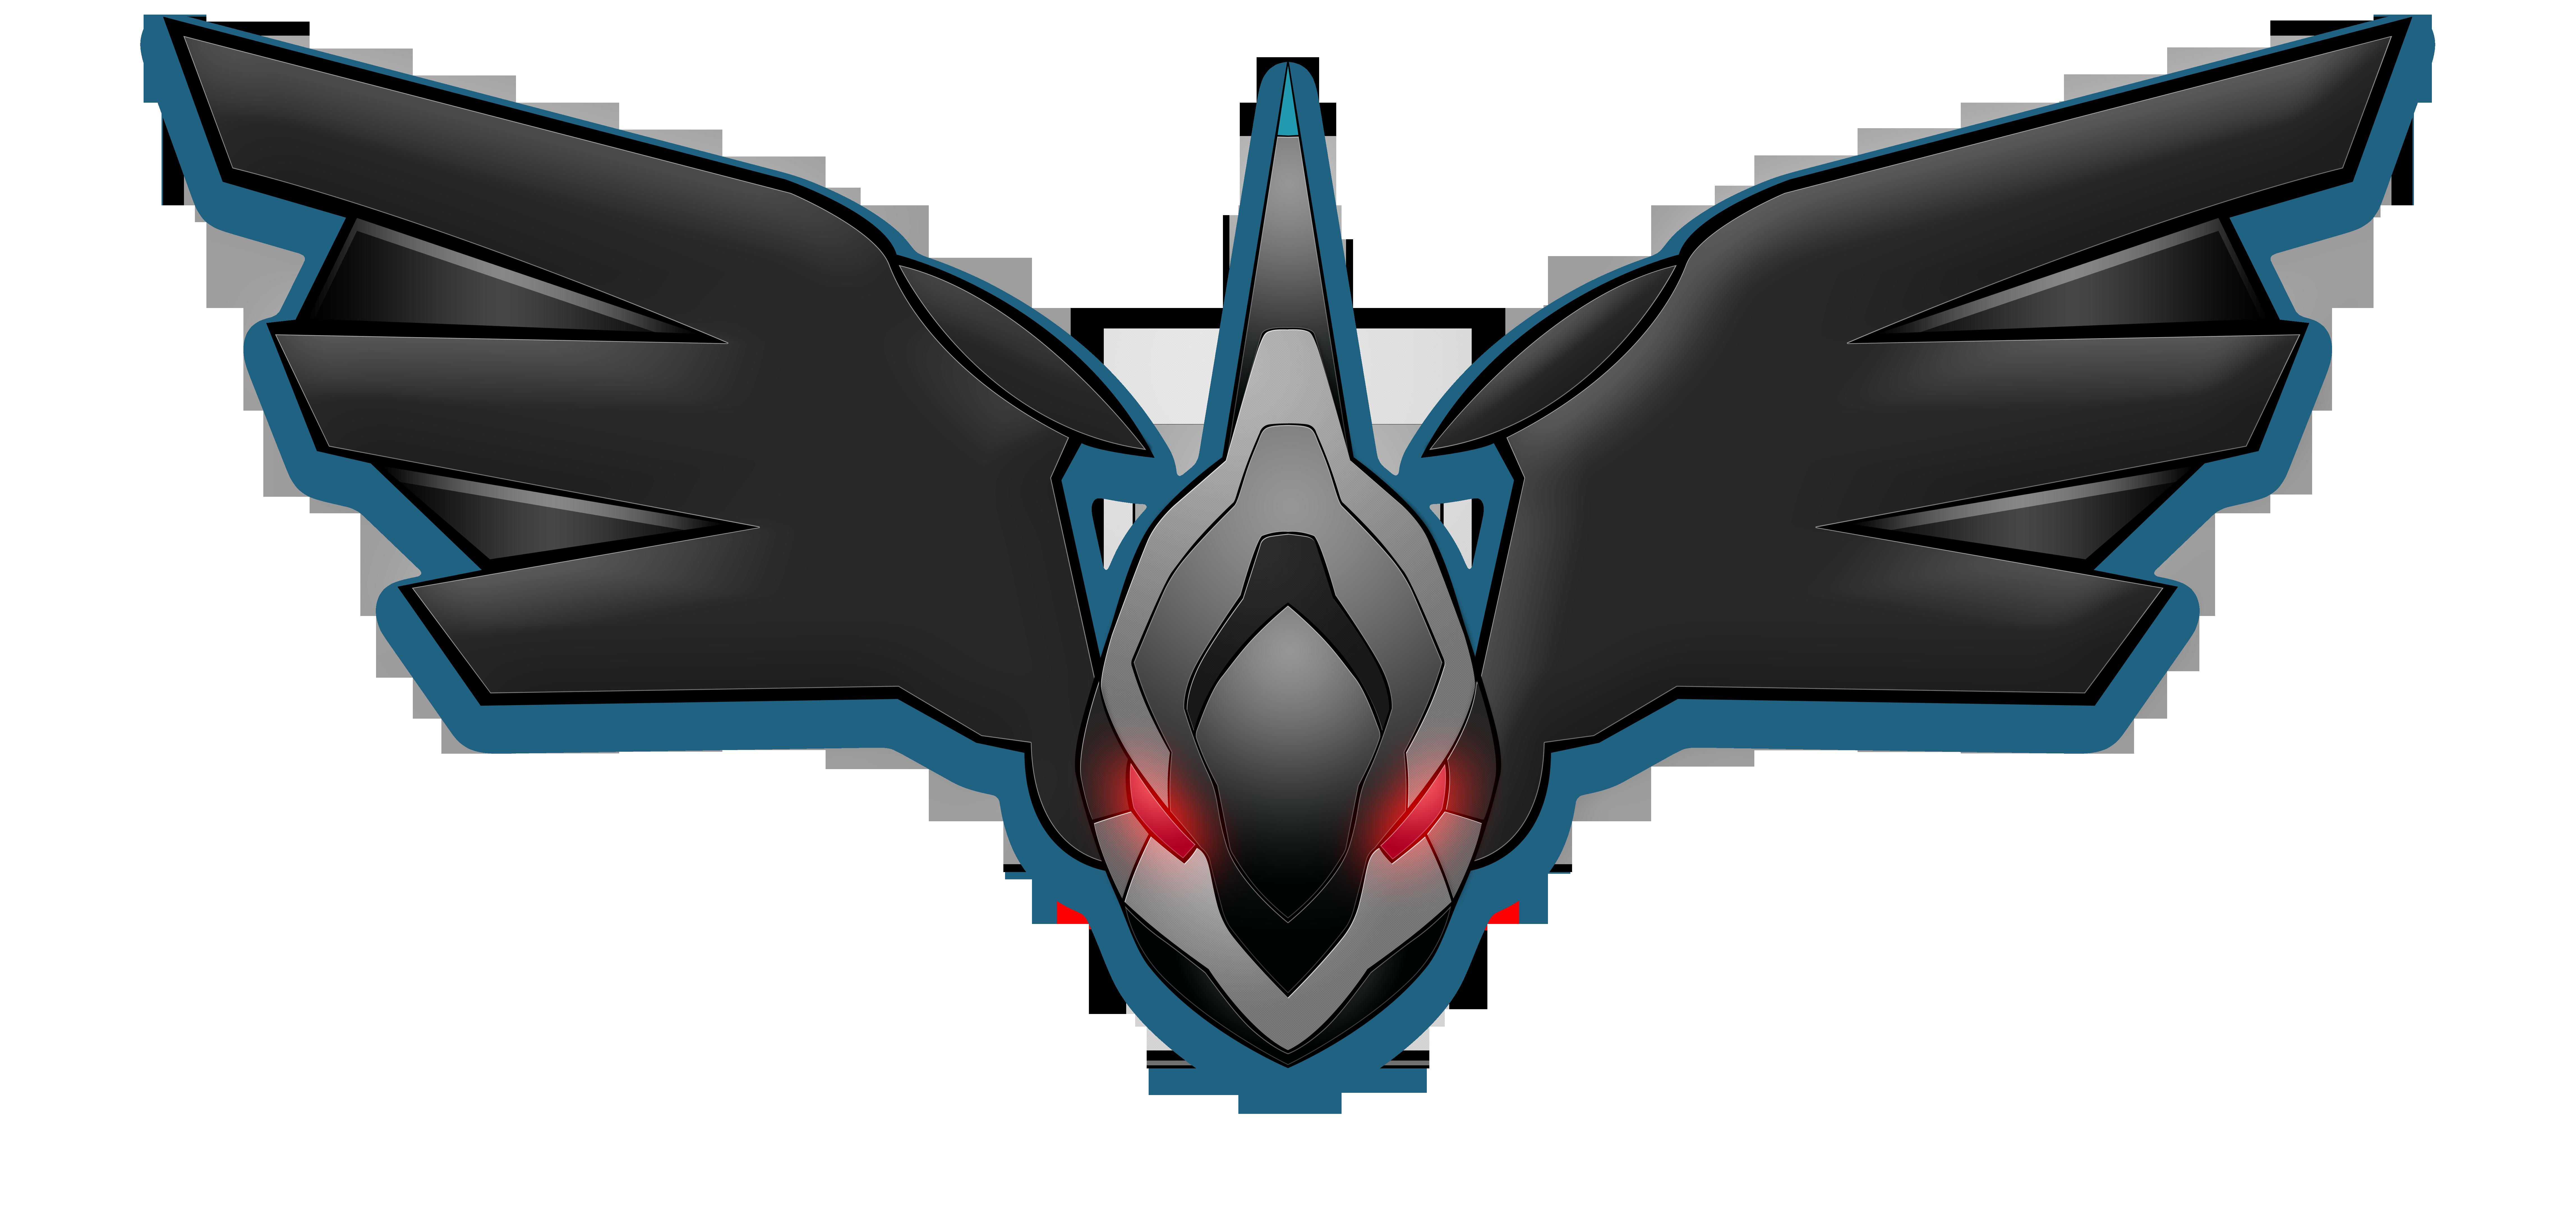 Zekrom by darkheroic